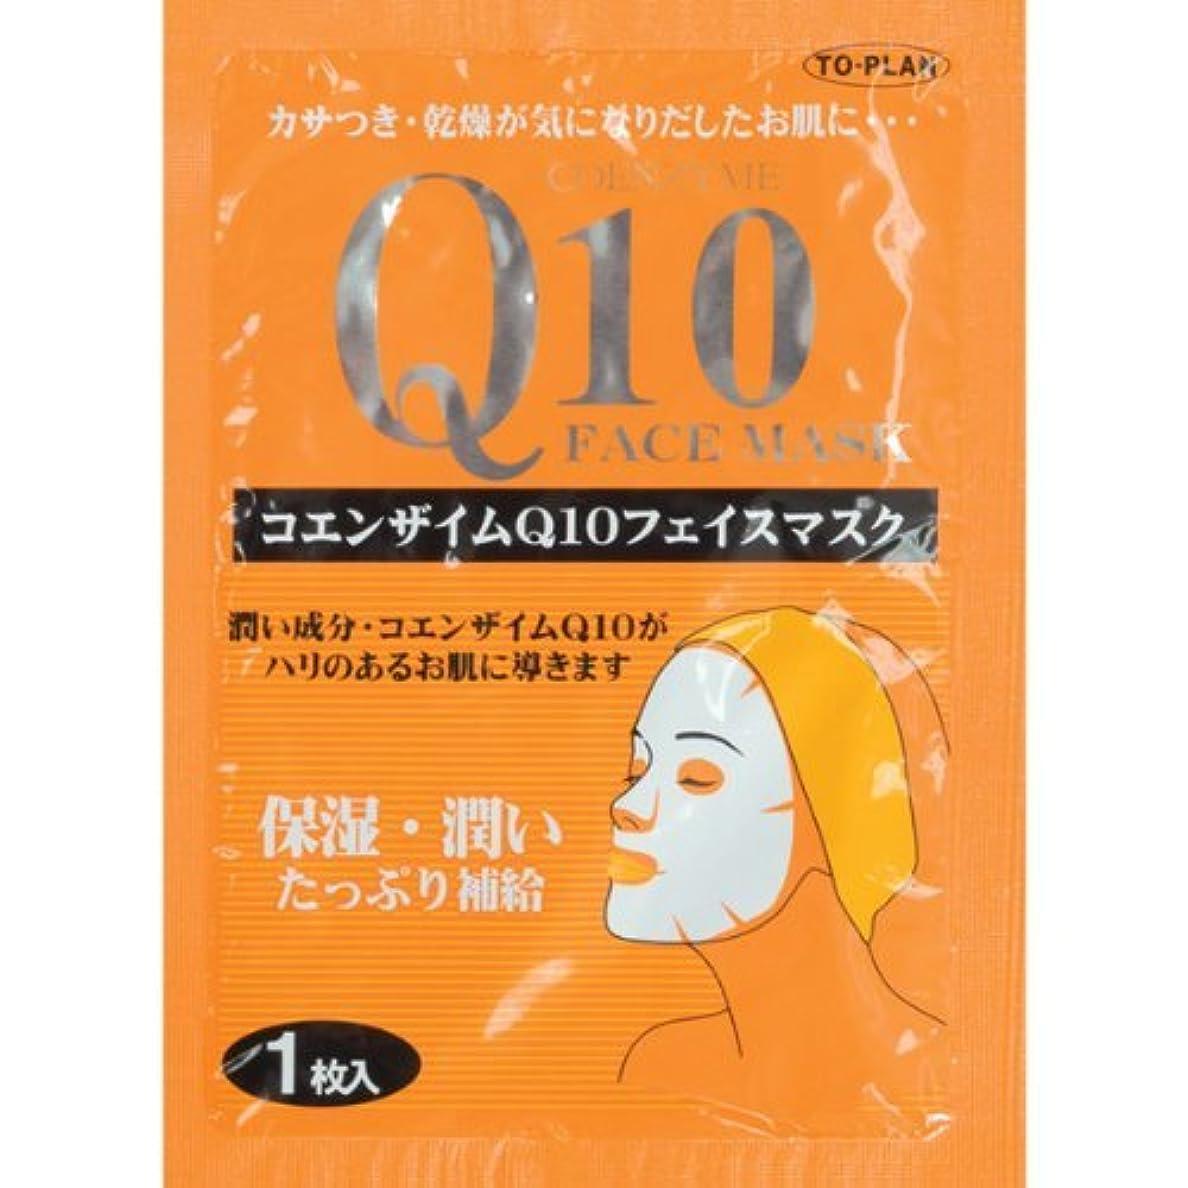 ホステル尊敬するこするフェイスマスク コエンザイムQ10 まとめ買い プレゼント フェイスパック (100枚)